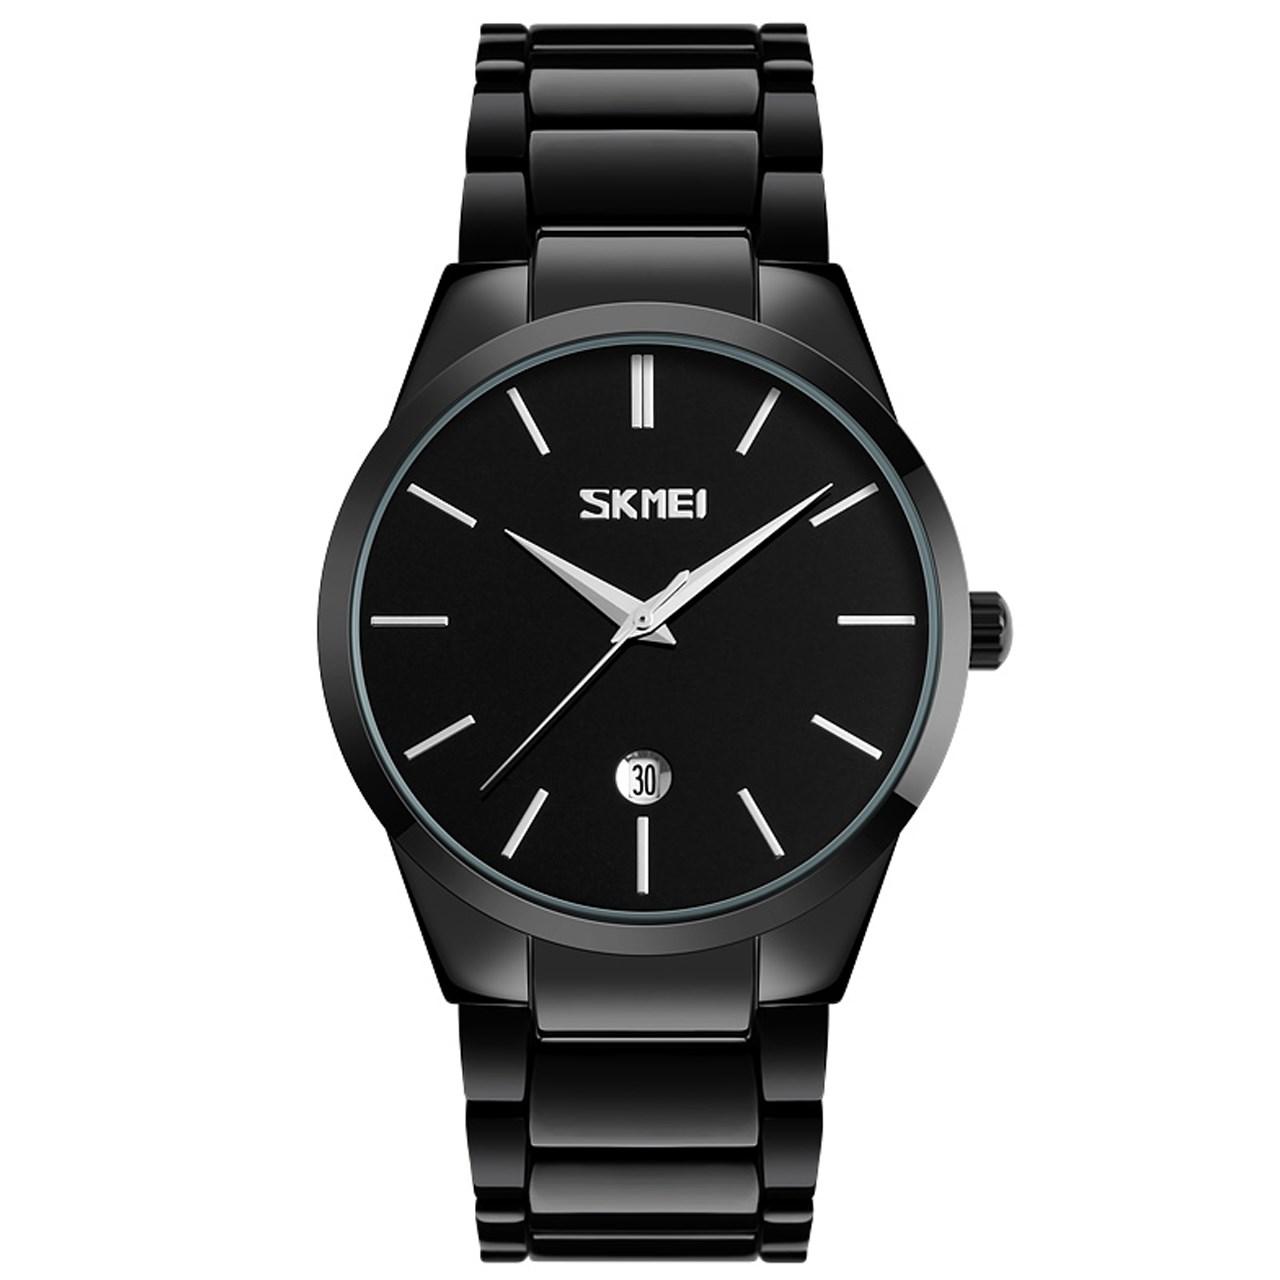 ساعت مچی عقربه ای مردانه اسکمی مدل9140 کد 01              ارزان